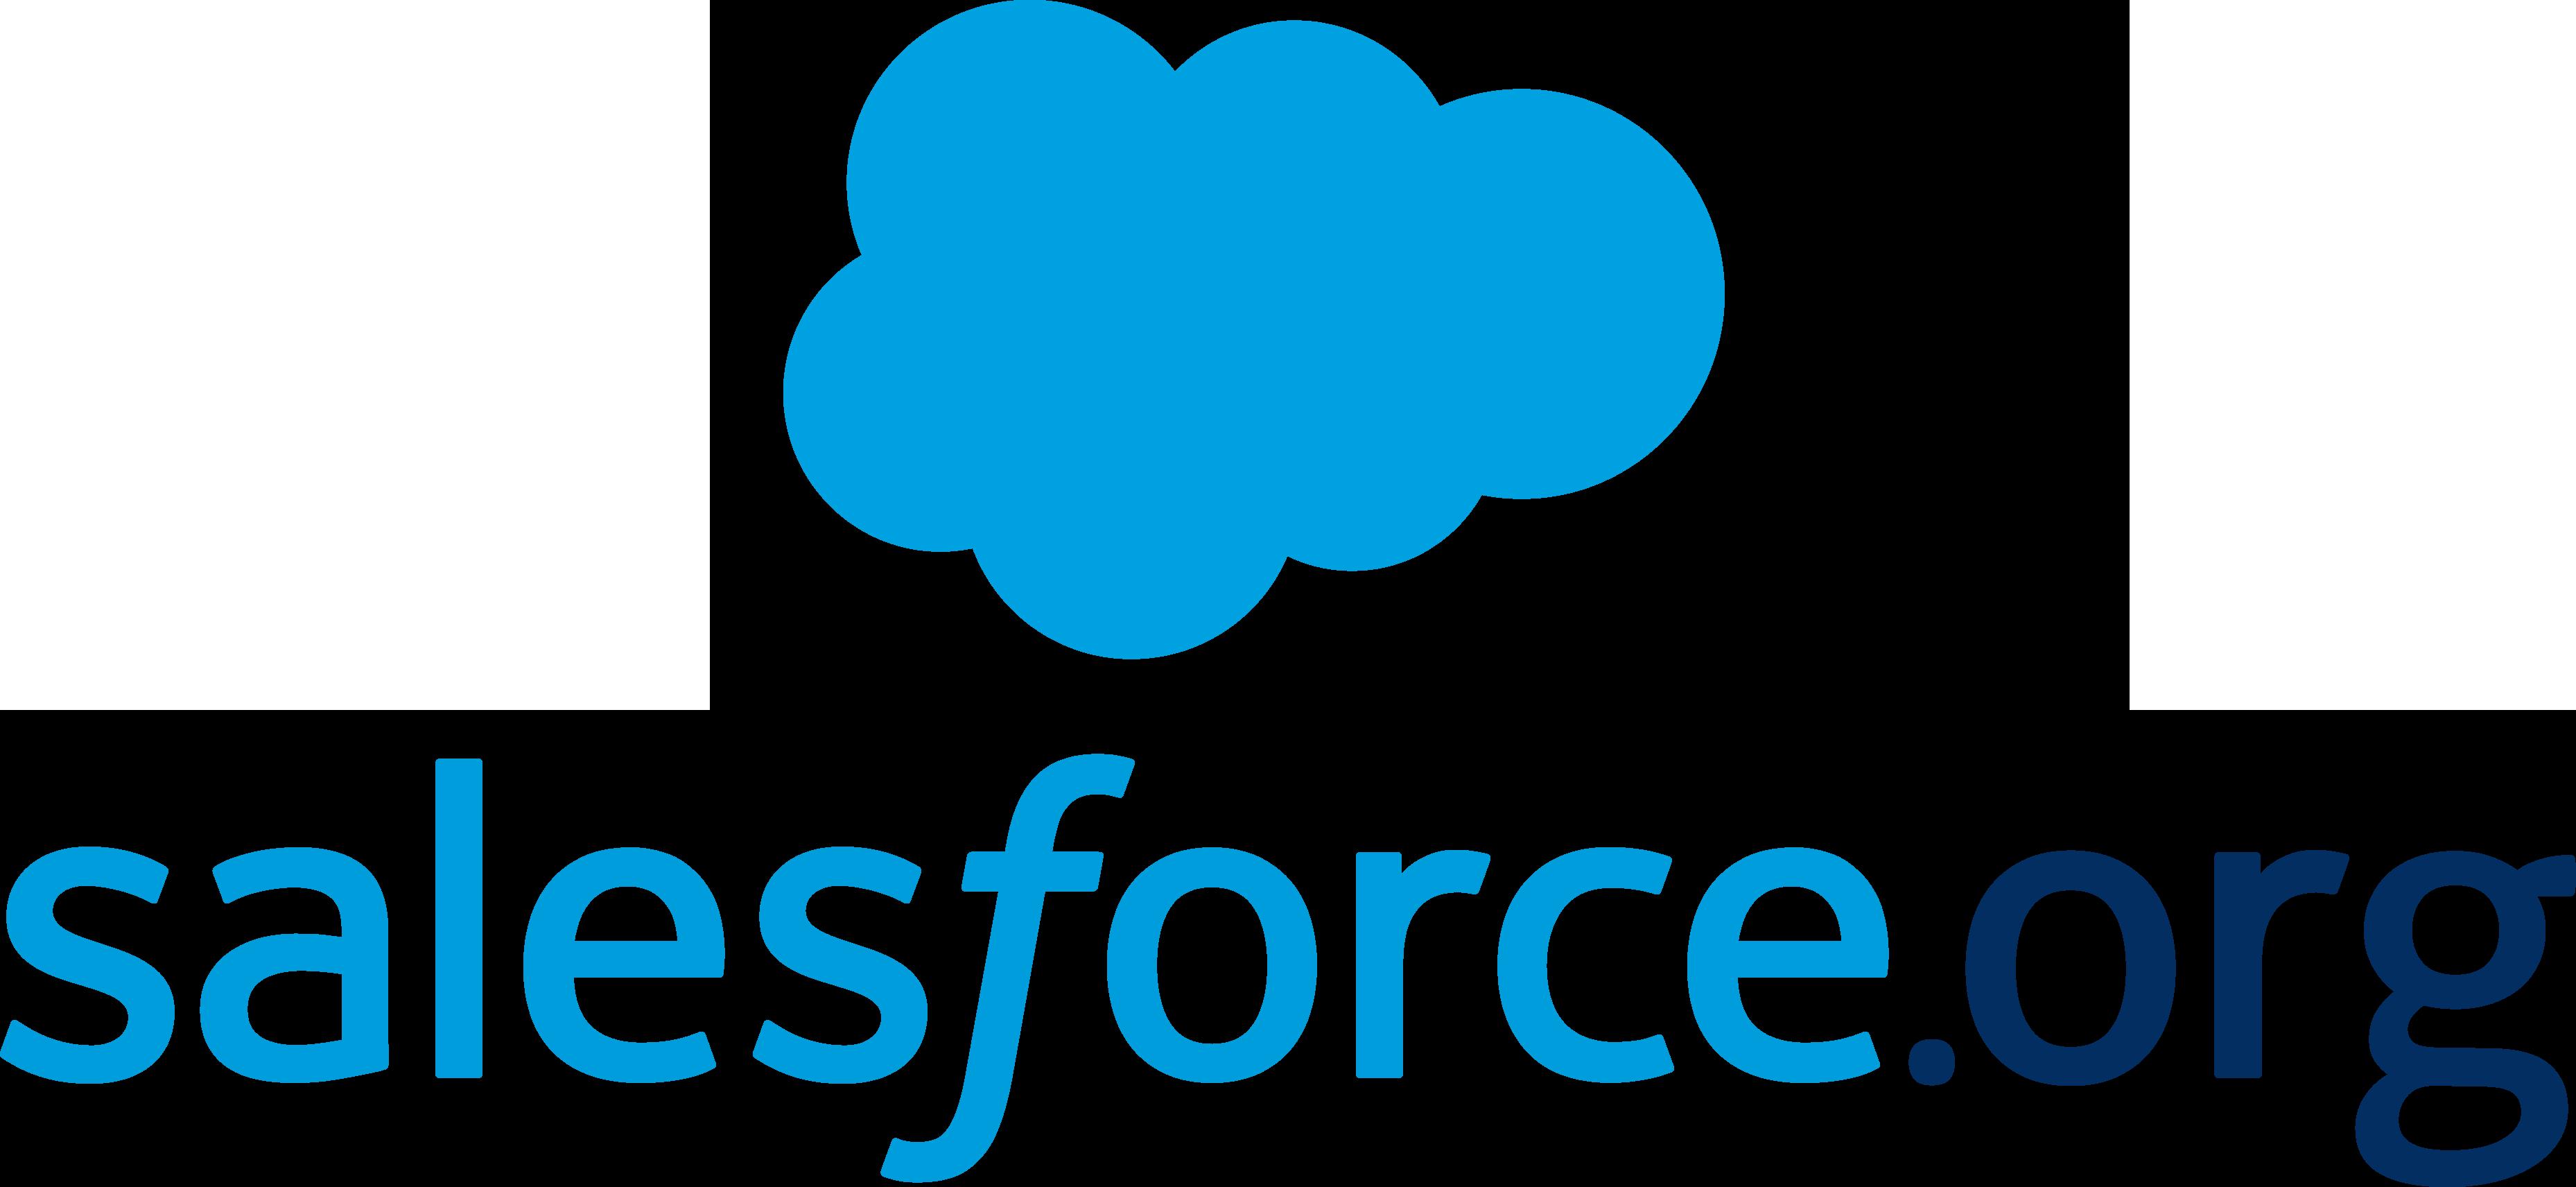 Salesforce.org.